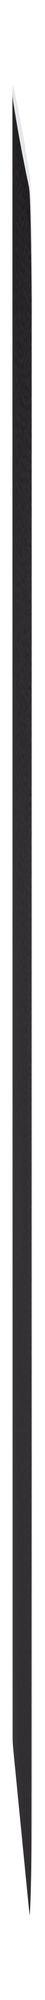 Блокнот Excentrica, черный с белым